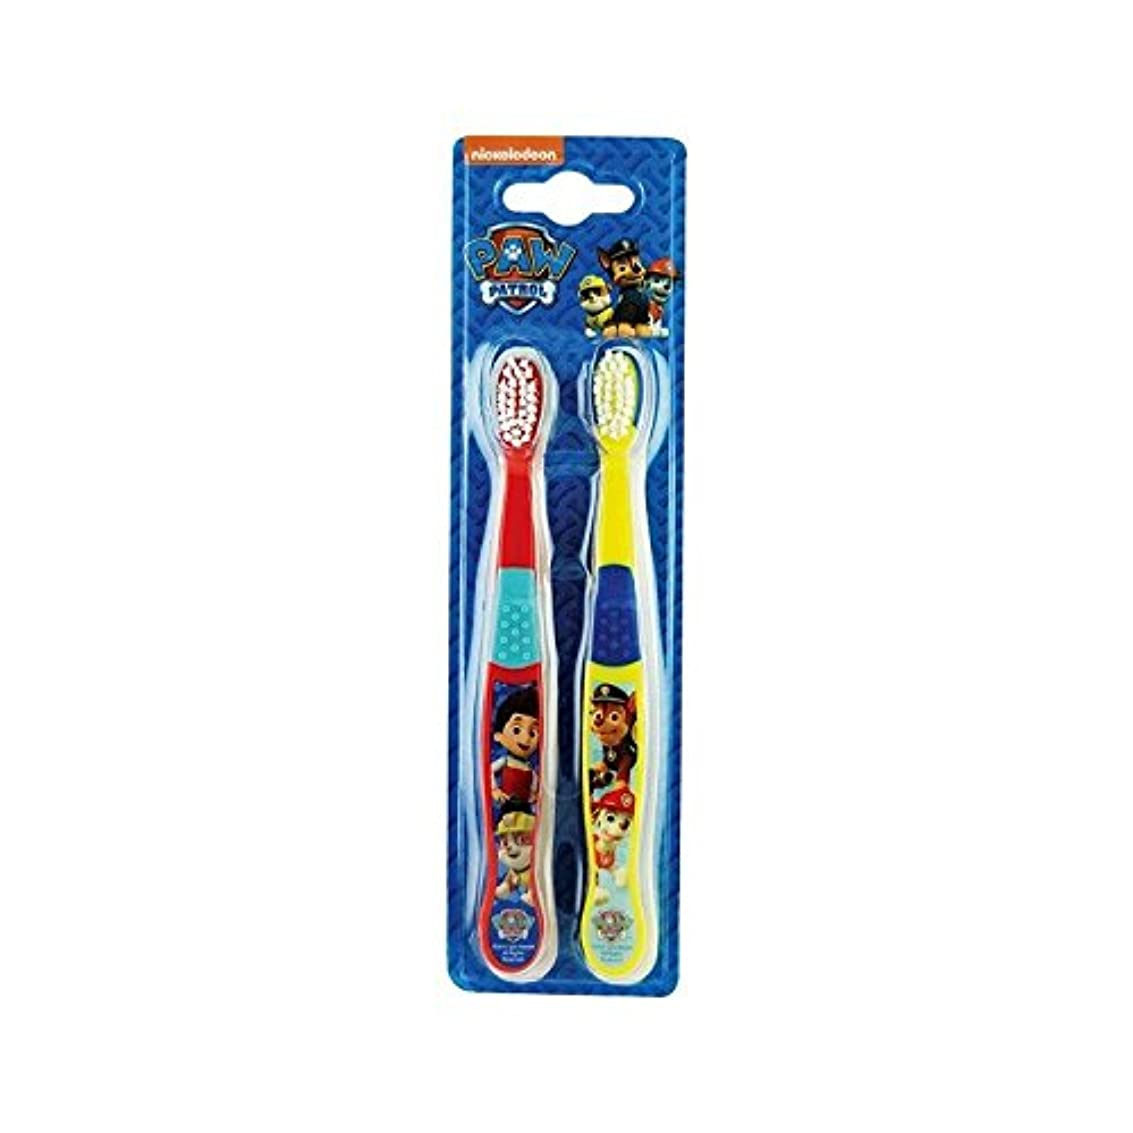 周辺印象派体操選手1パックツイン歯ブラシ2 (Paw Patrol) (x 4) - Paw Patrol Twin Toothbrush 2 per pack (Pack of 4) [並行輸入品]